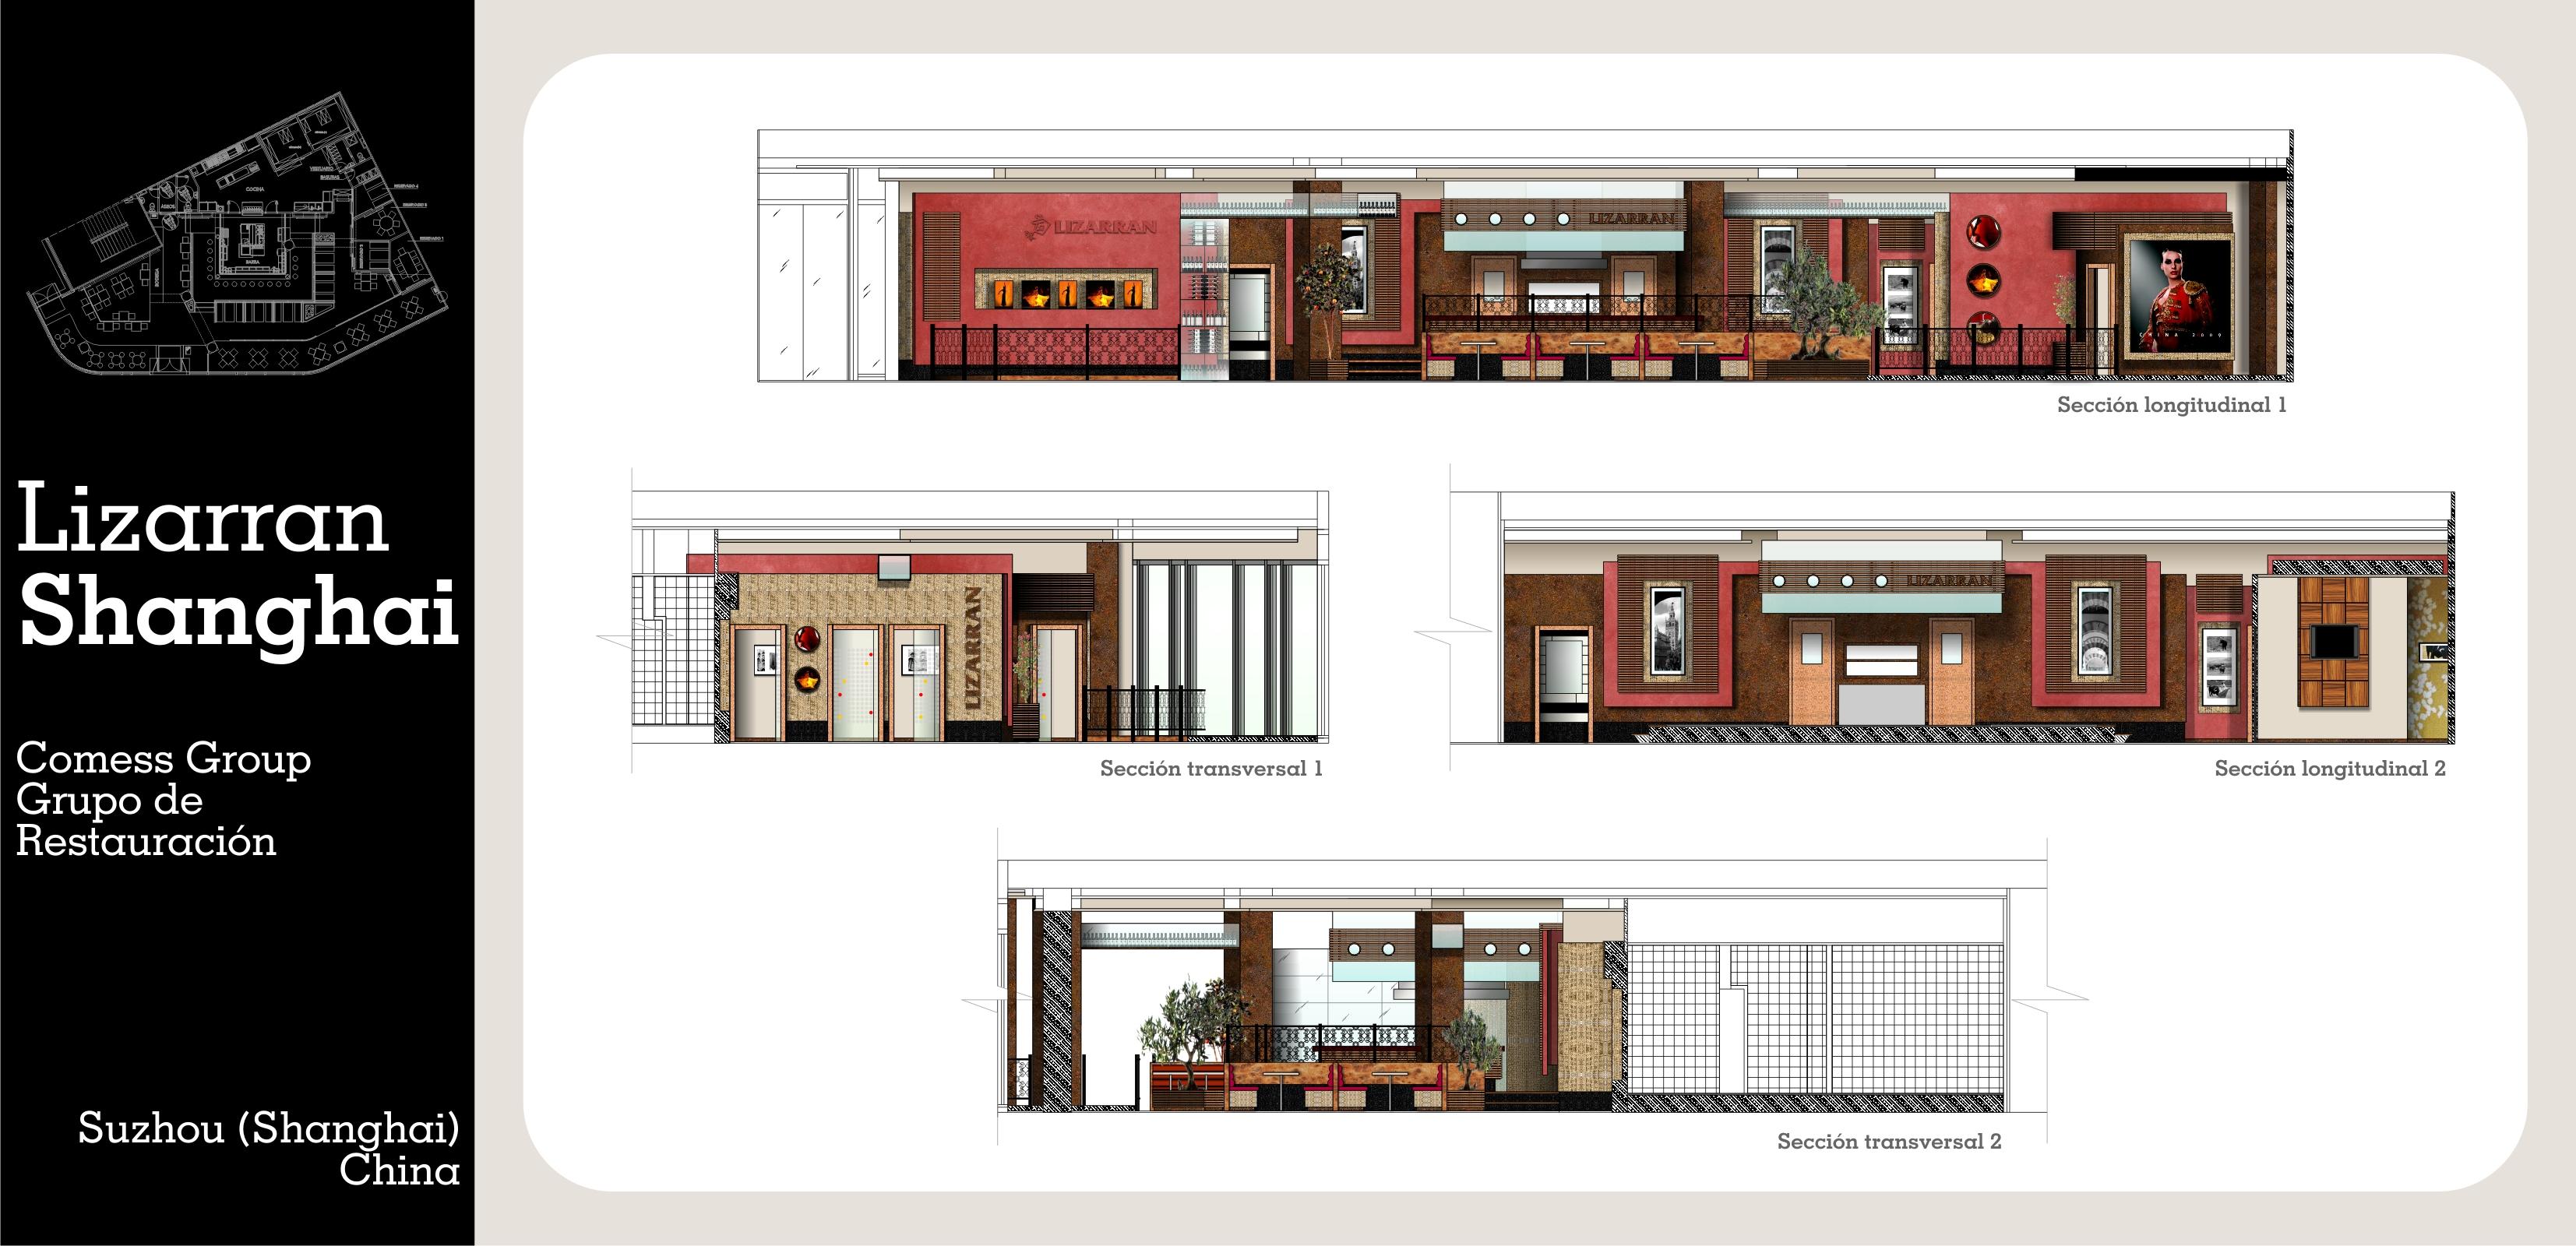 Diseño e Interiorismo de Restaurante Lizarran en Shanghai